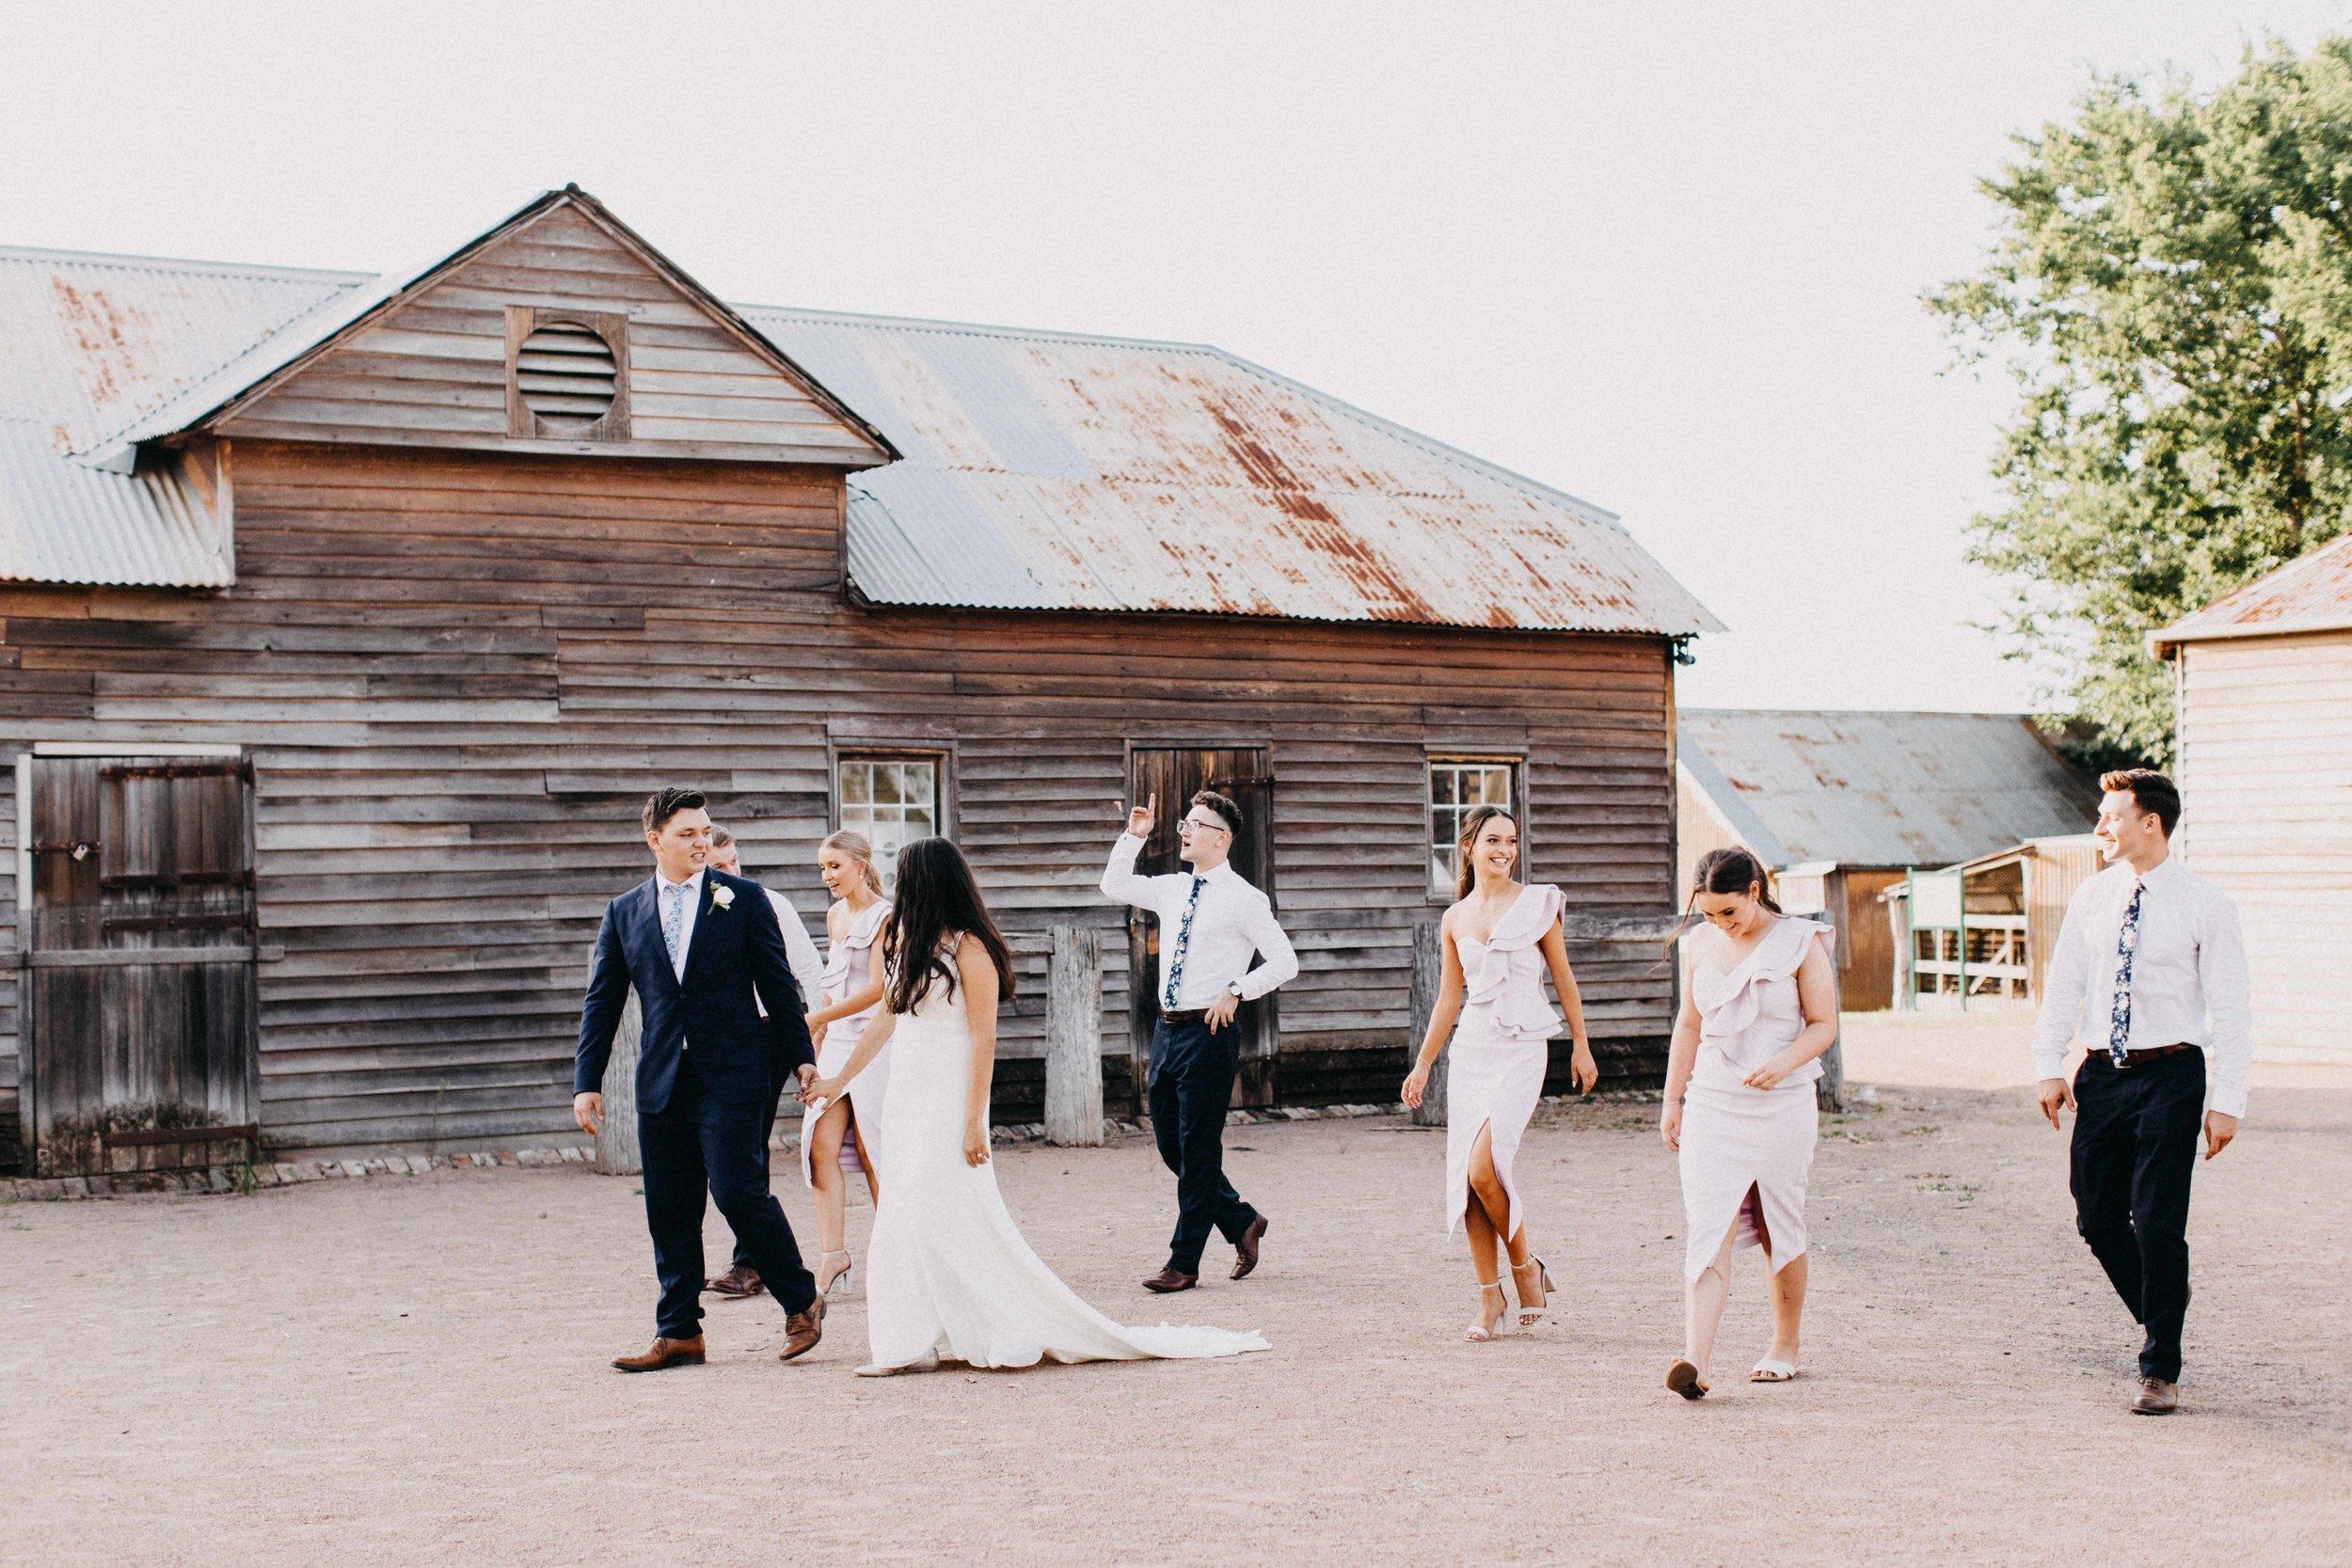 www.emilyobrienphotography.net-belgenny-farm-wedding-camden-photography-maddie-andrzej-155.jpg